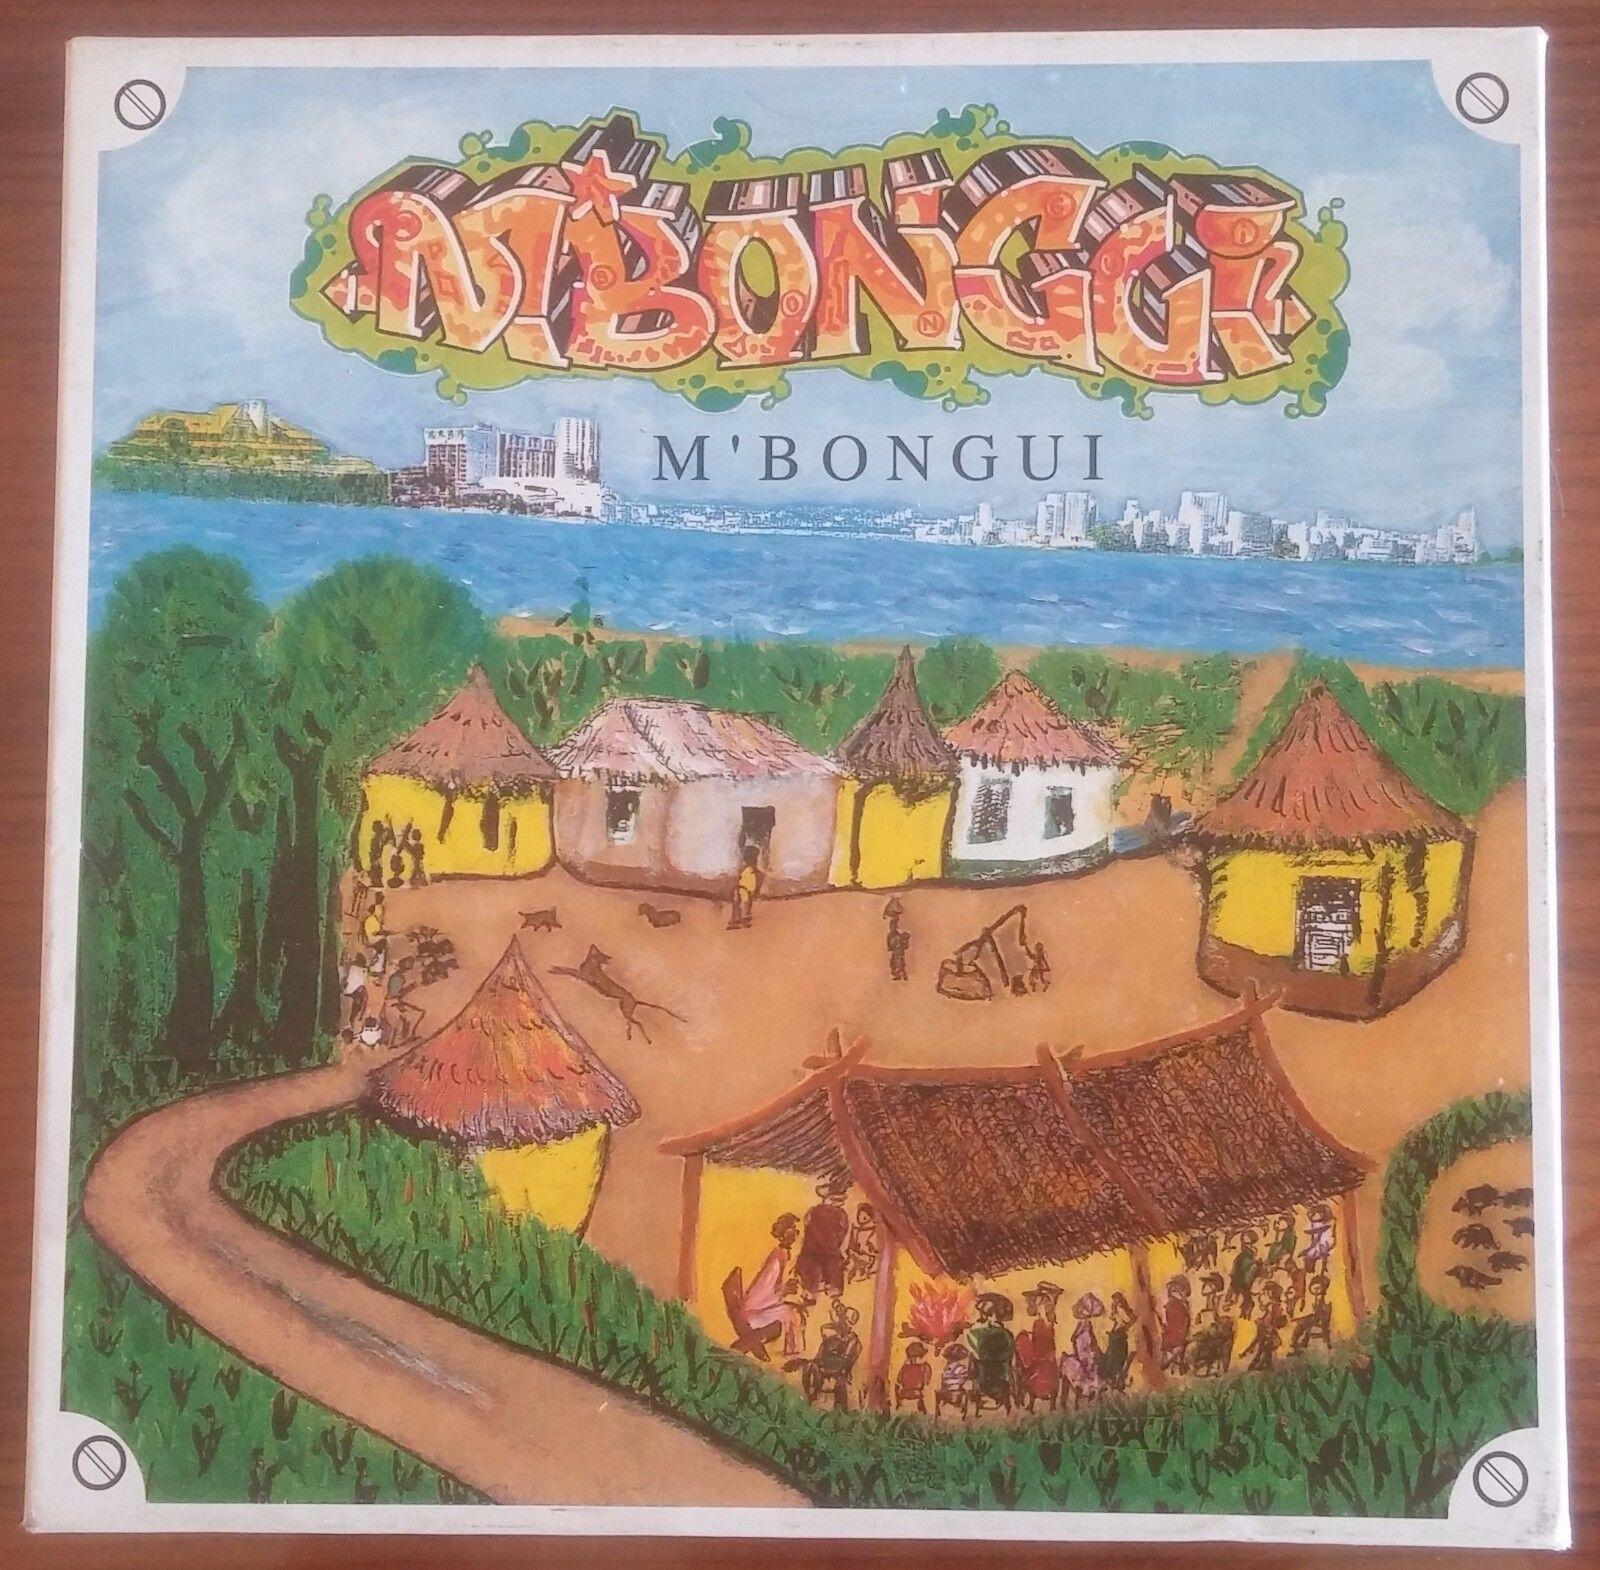 envío gratuito a nivel mundial Jeu de société M'Bongui - Premier jeu jeu jeu d'inspiration traditionnelle congolaise  precios mas bajos